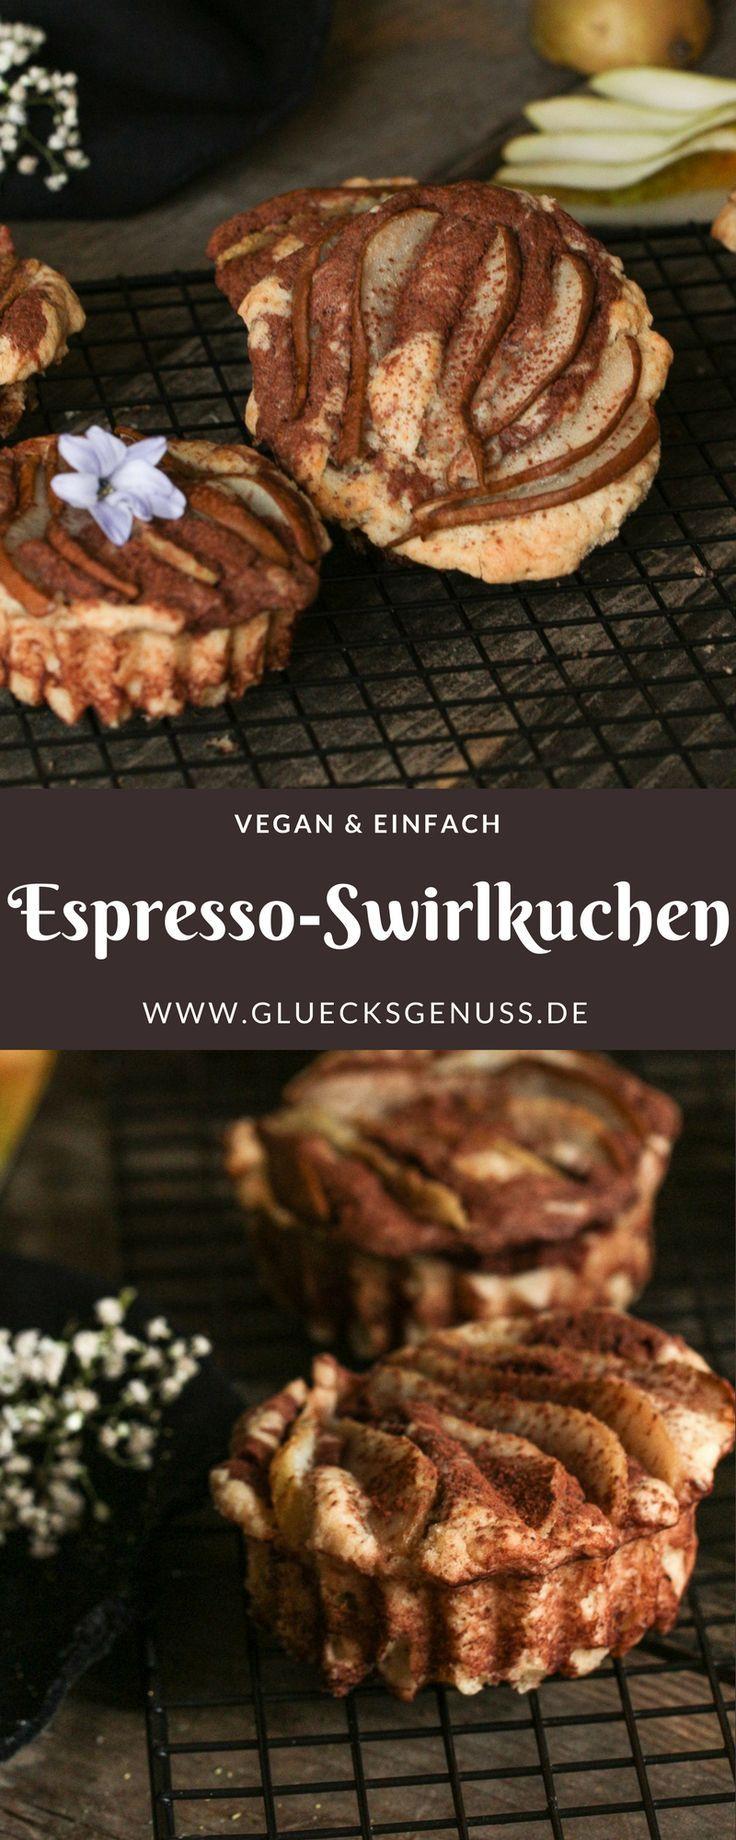 {Rezept} Espresso-Swirlkuchen mit Birnen / vegan - Glücksgenuss